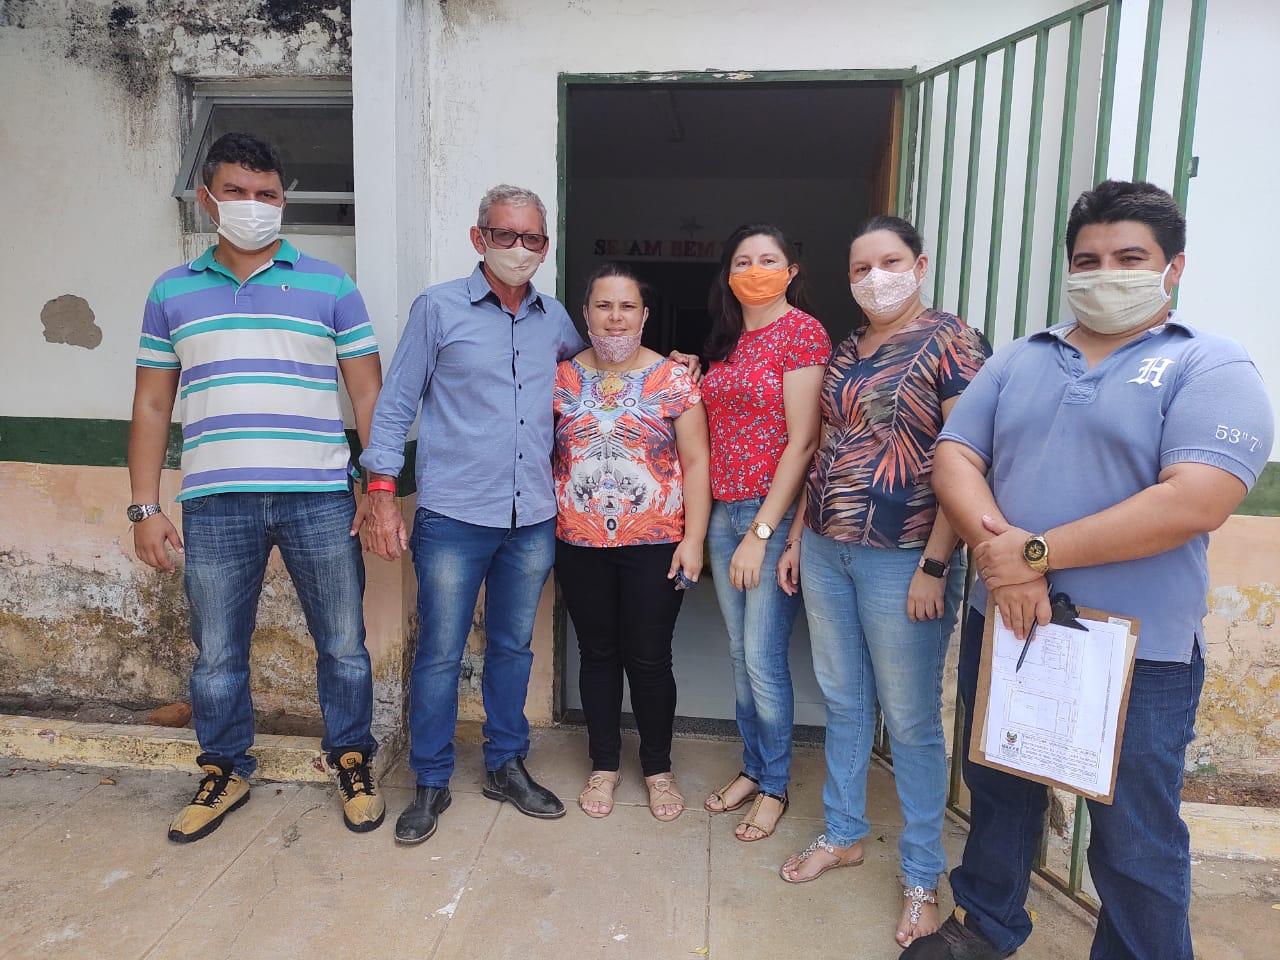 Equipe de engenharia da prefeitura de Aurora visita escola Antonio Amancio da Cruz, no Distrito do Tipi, para avaliar estrutura do prédio que passará por reforma